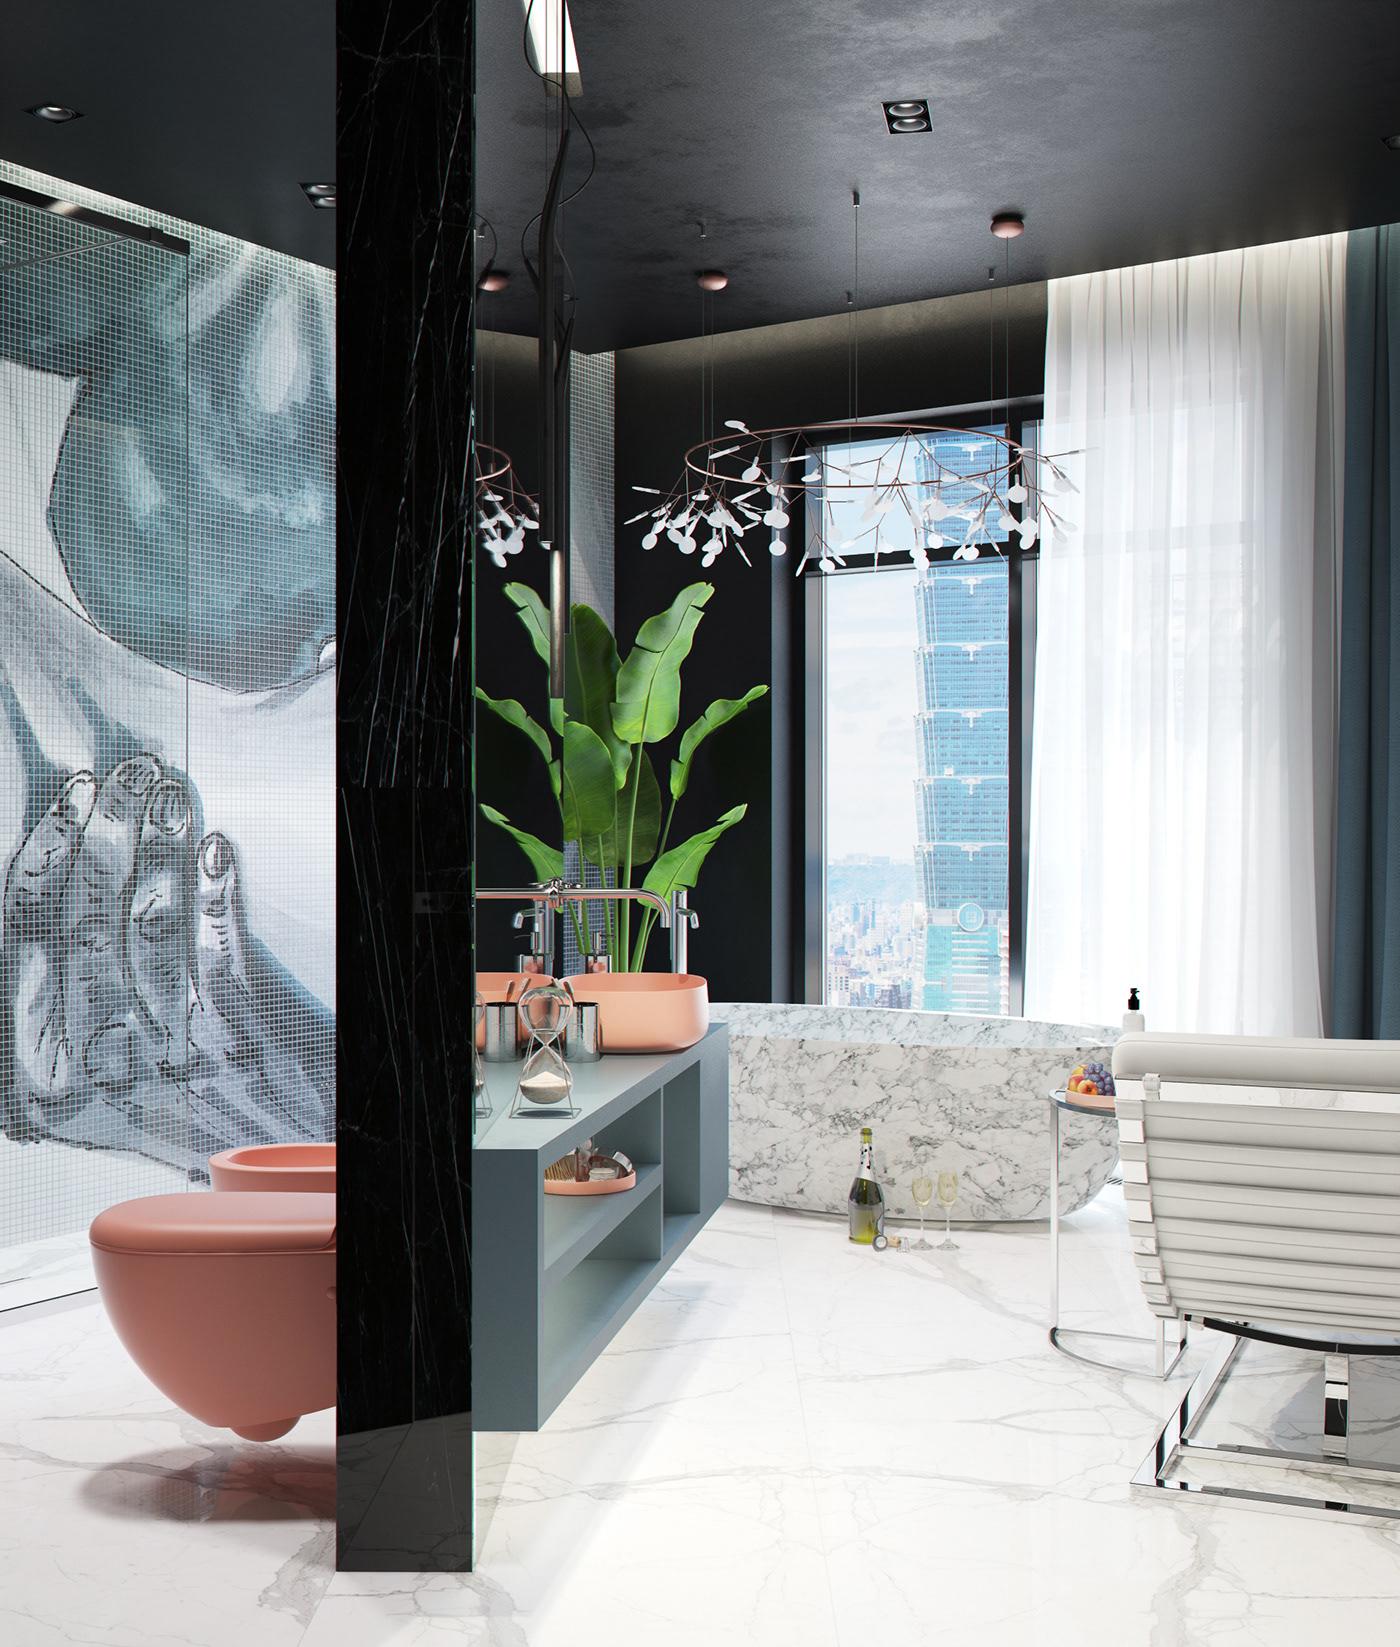 bathroom behance moscow